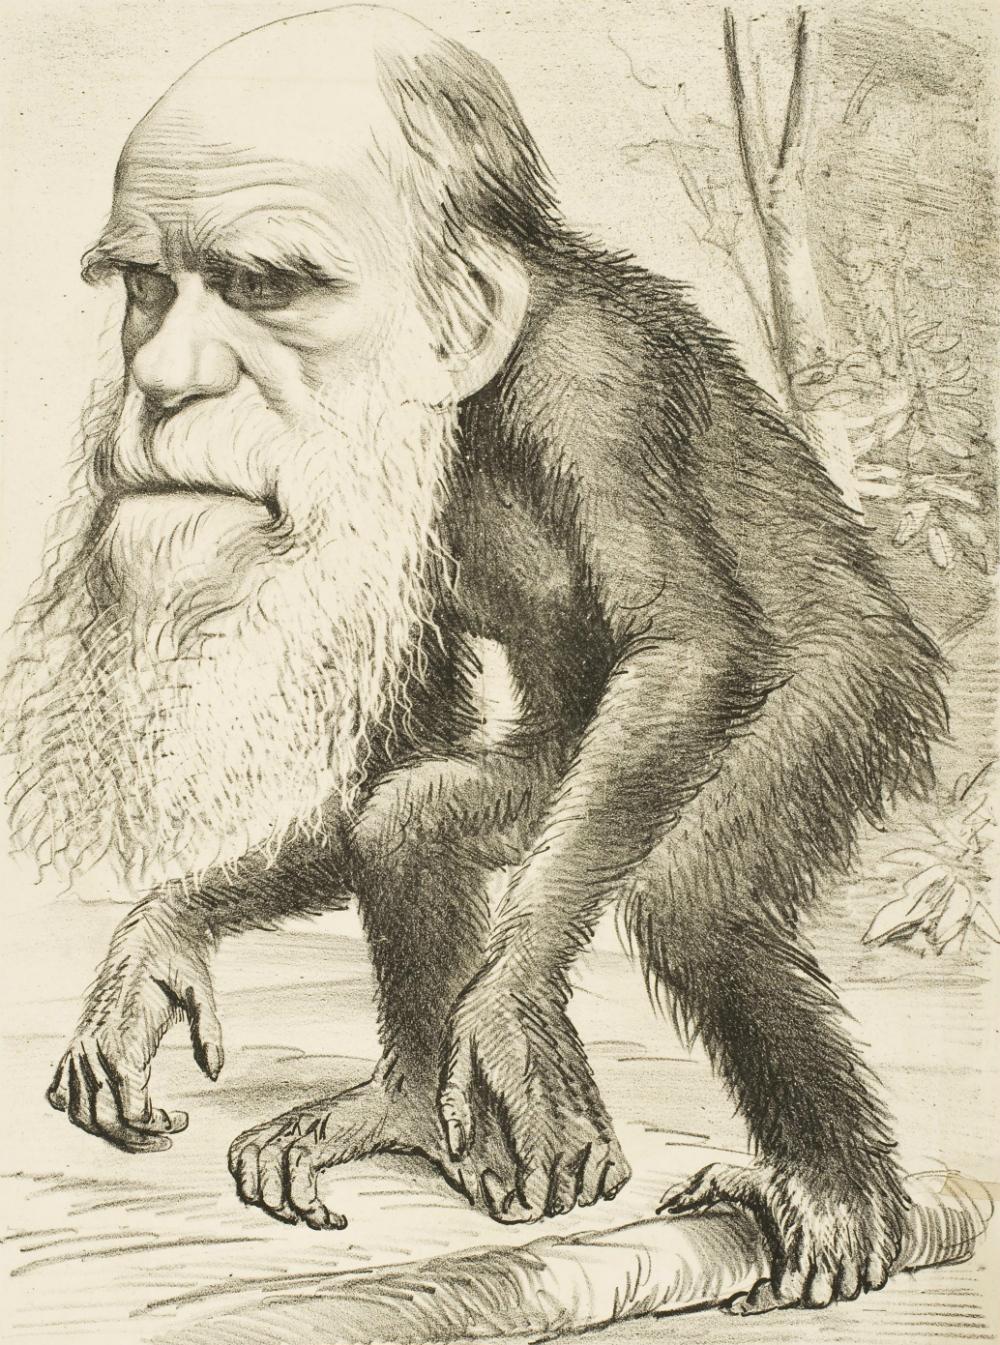 Antecedentes-Teoría-Evolución-Darwin-Wallace-Como-Evolucionan-Especies-Charles-Teoria-Evolucion-nacio-Origen-Especies, Ciudad de México, 13 de febrero 2019